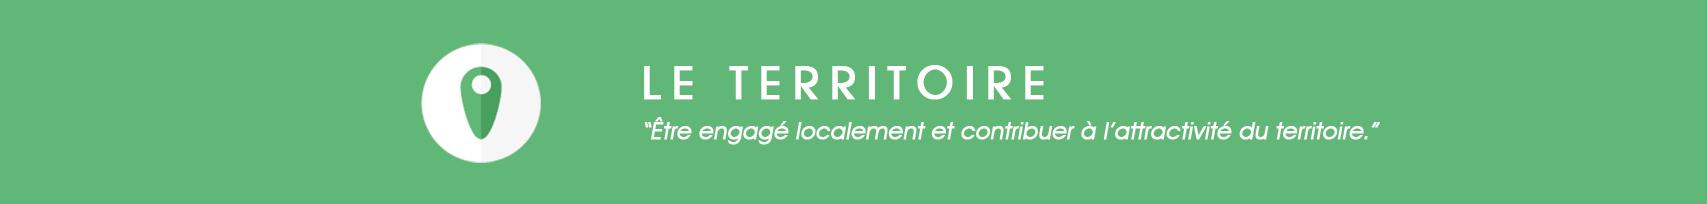 demarche-rse-aucop-le-territoire-vert-titre-categories